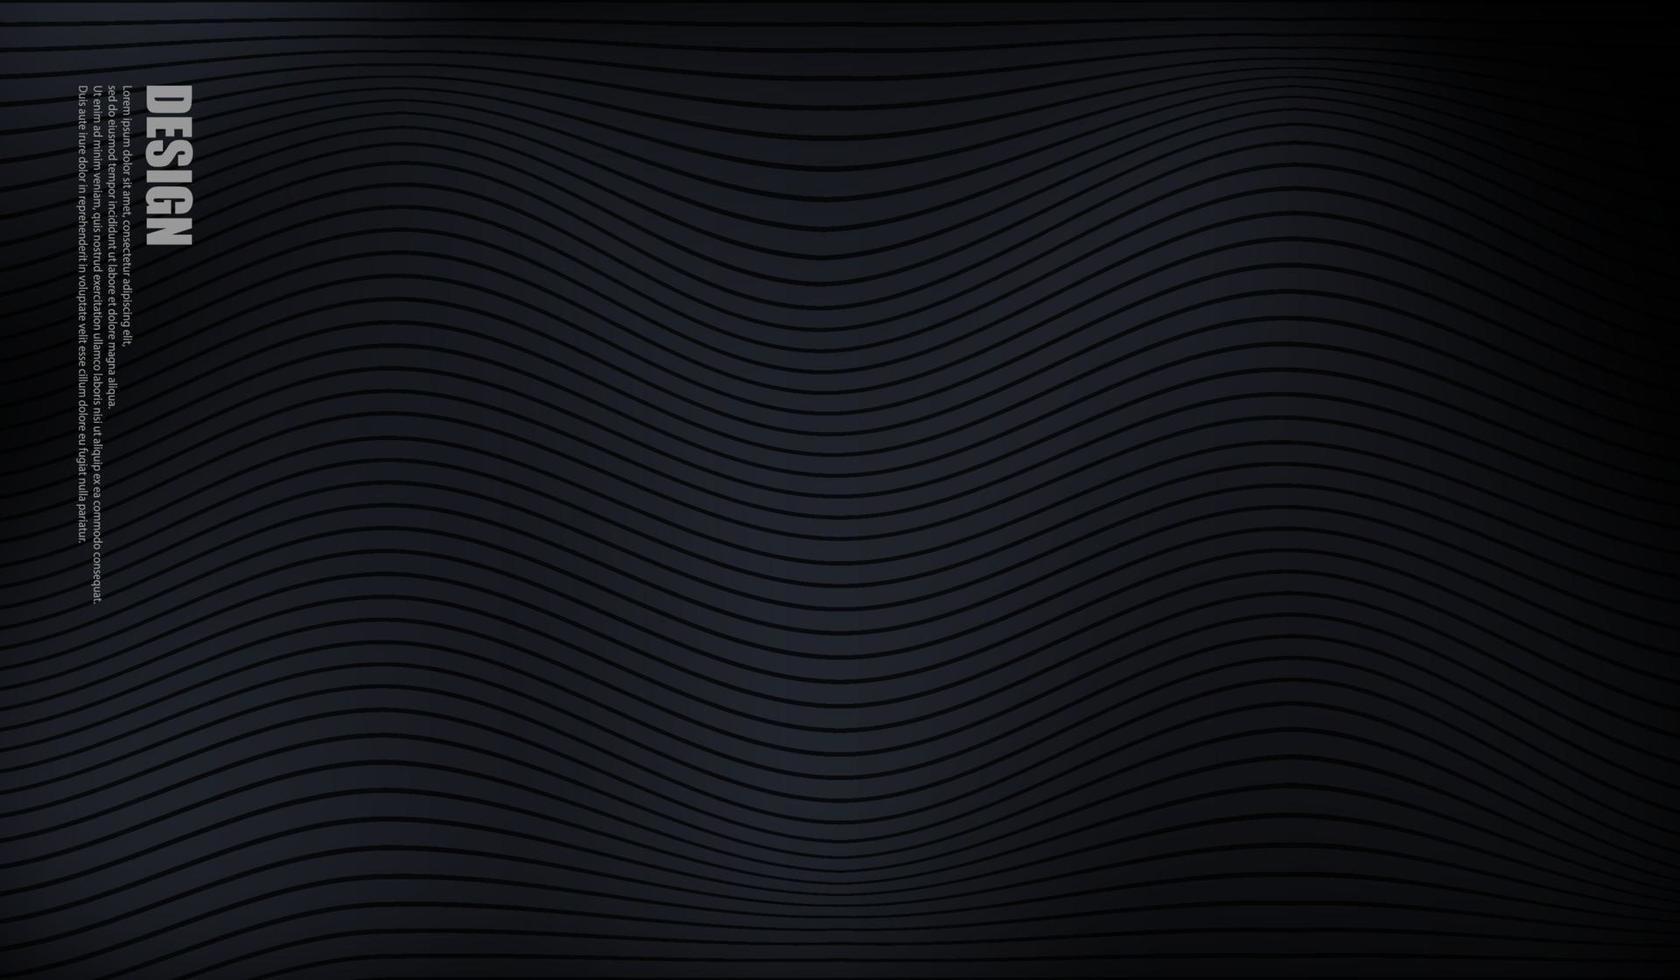 schwarzer Hintergrund mit Linienwellenentwurf vektor